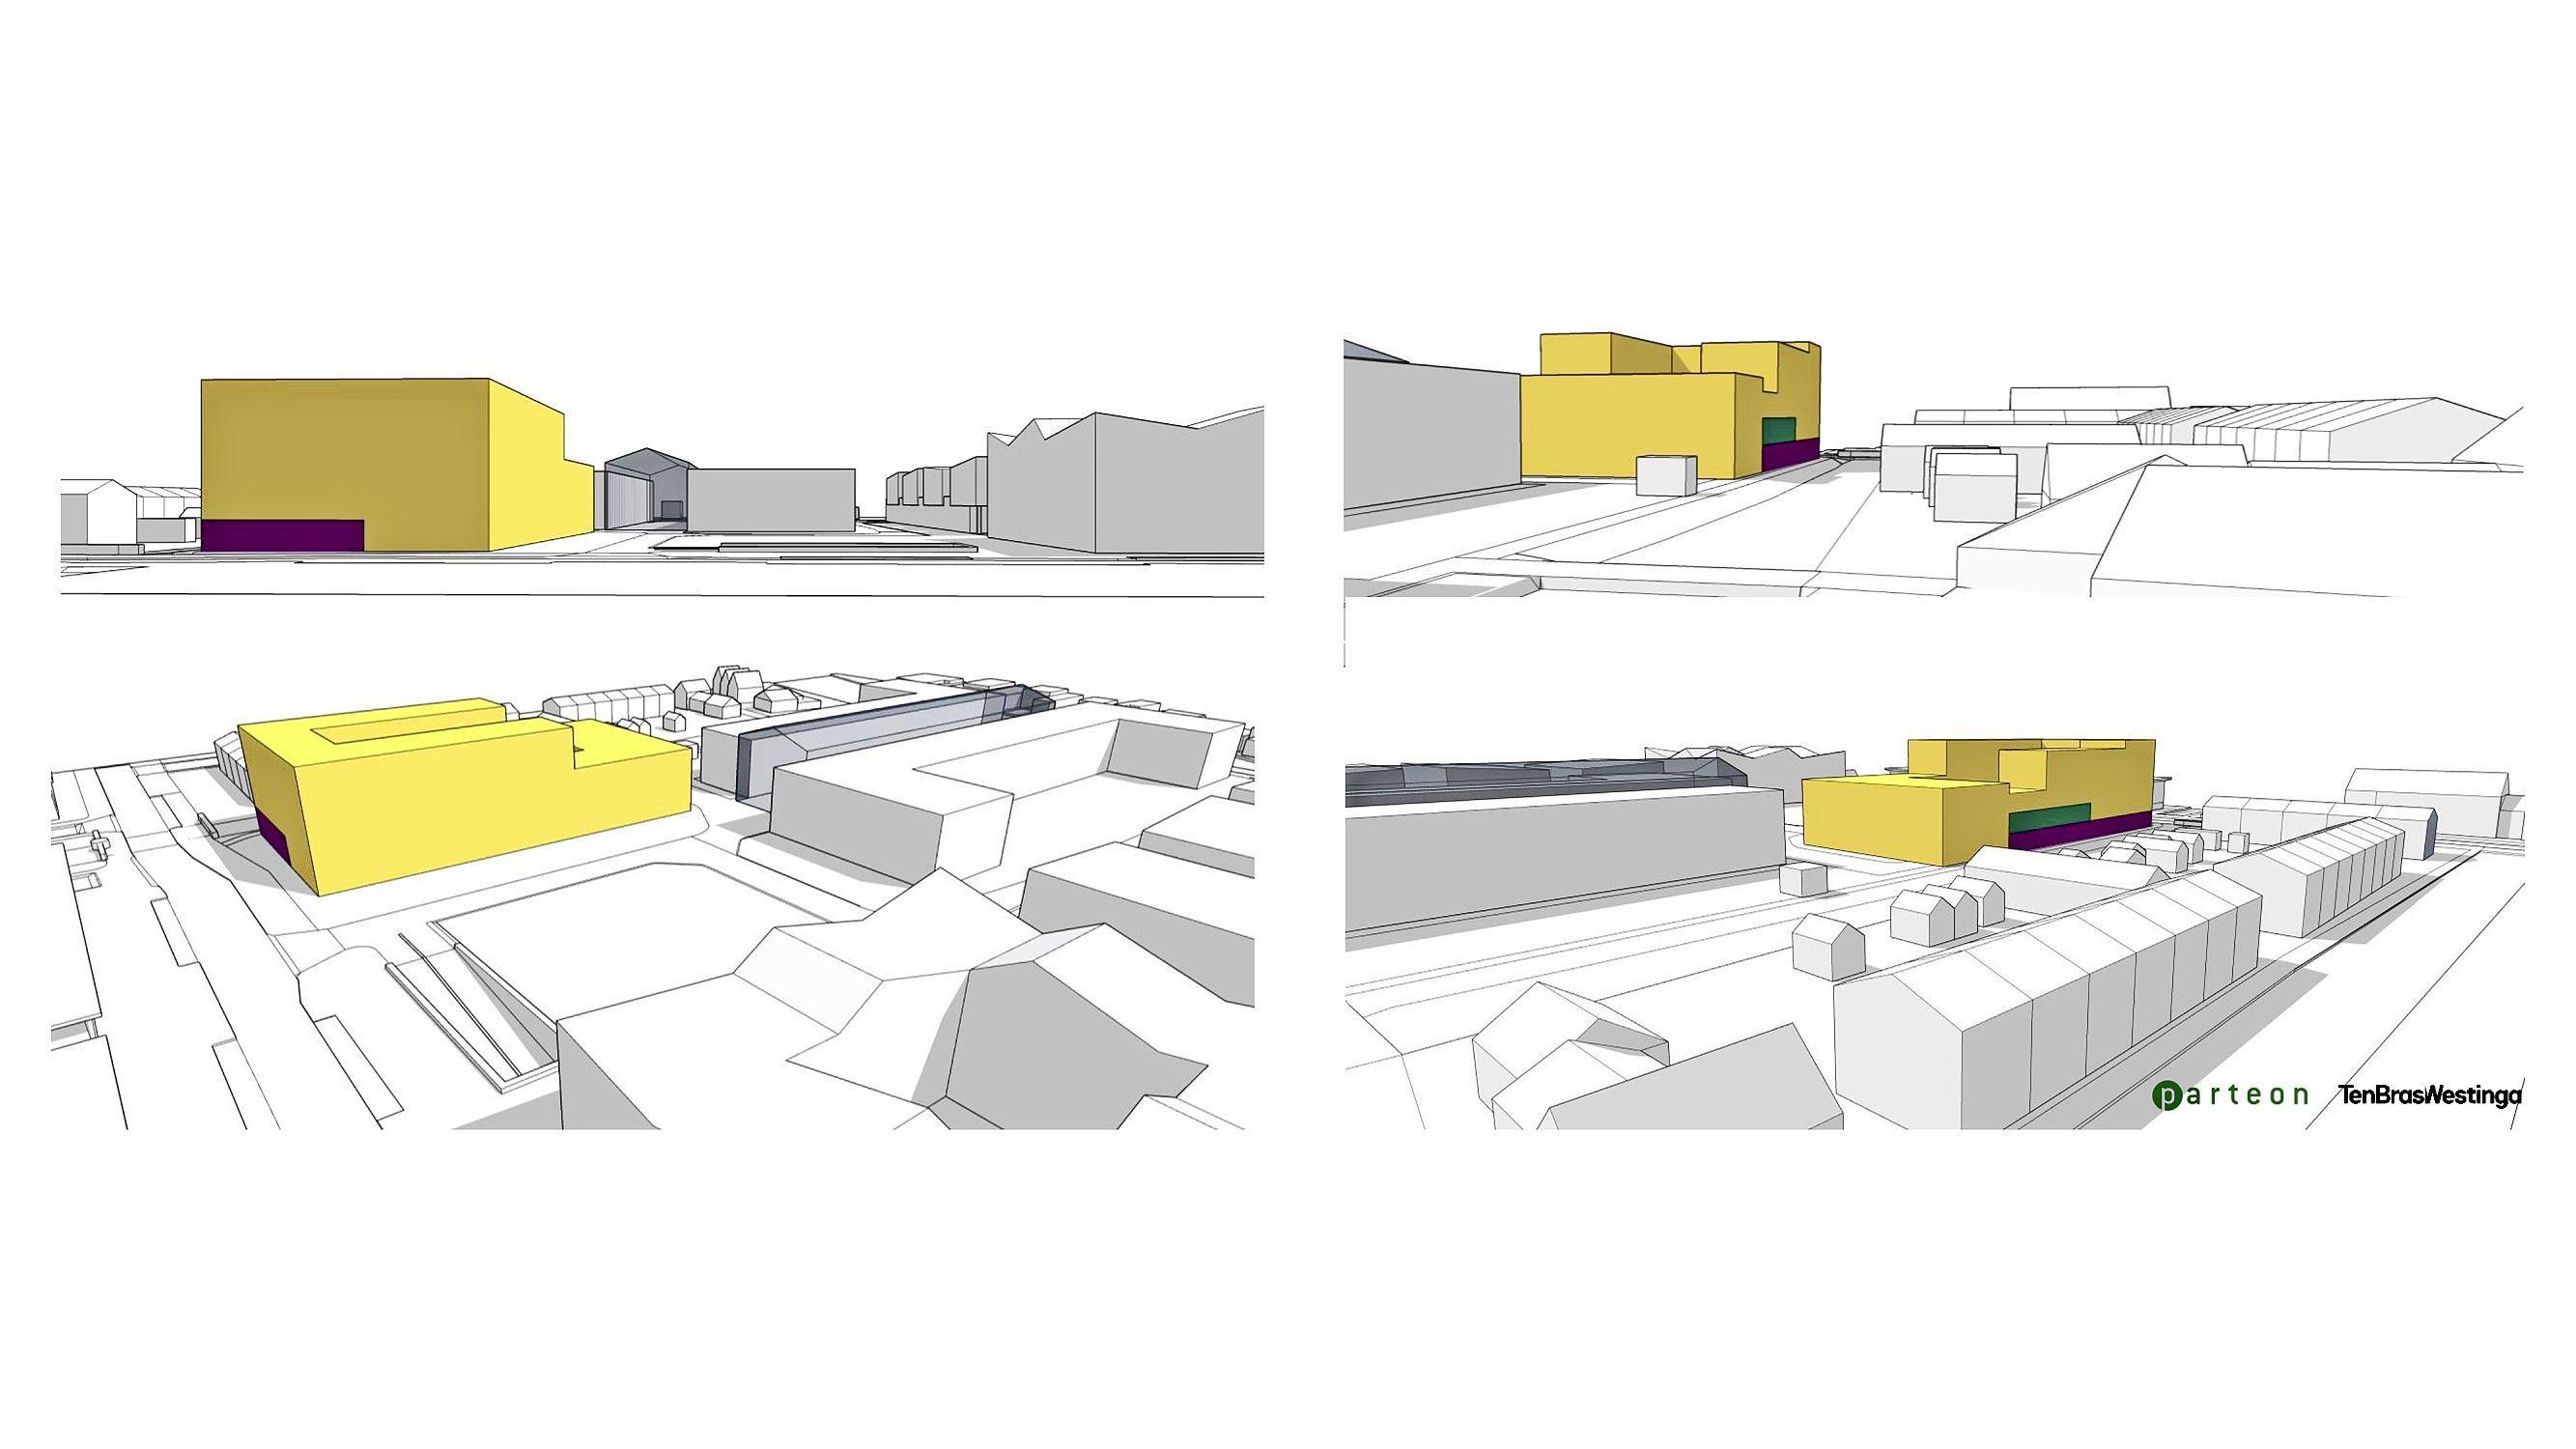 Buurtpodium bij Durghorst in Krommenie niet voor popbandjes, wel voor scholen en koren; 44 appartementen boven 'plint' van cultuurzaal en buurtcentrum Pelikaan